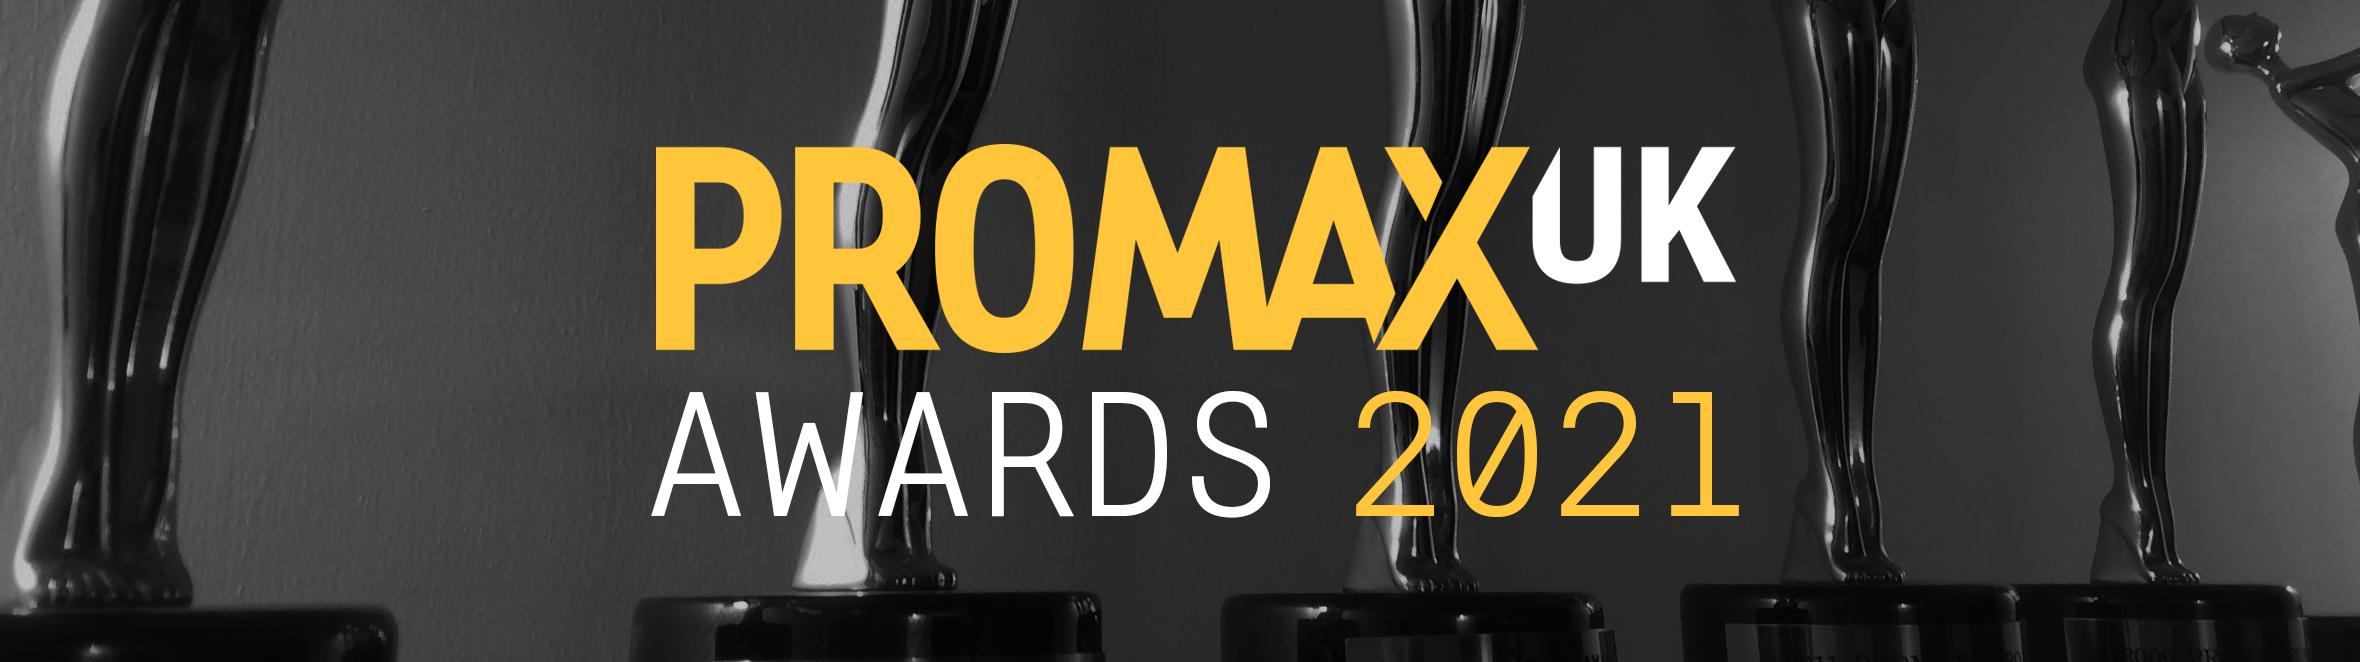 Promax UK 2021 Awards